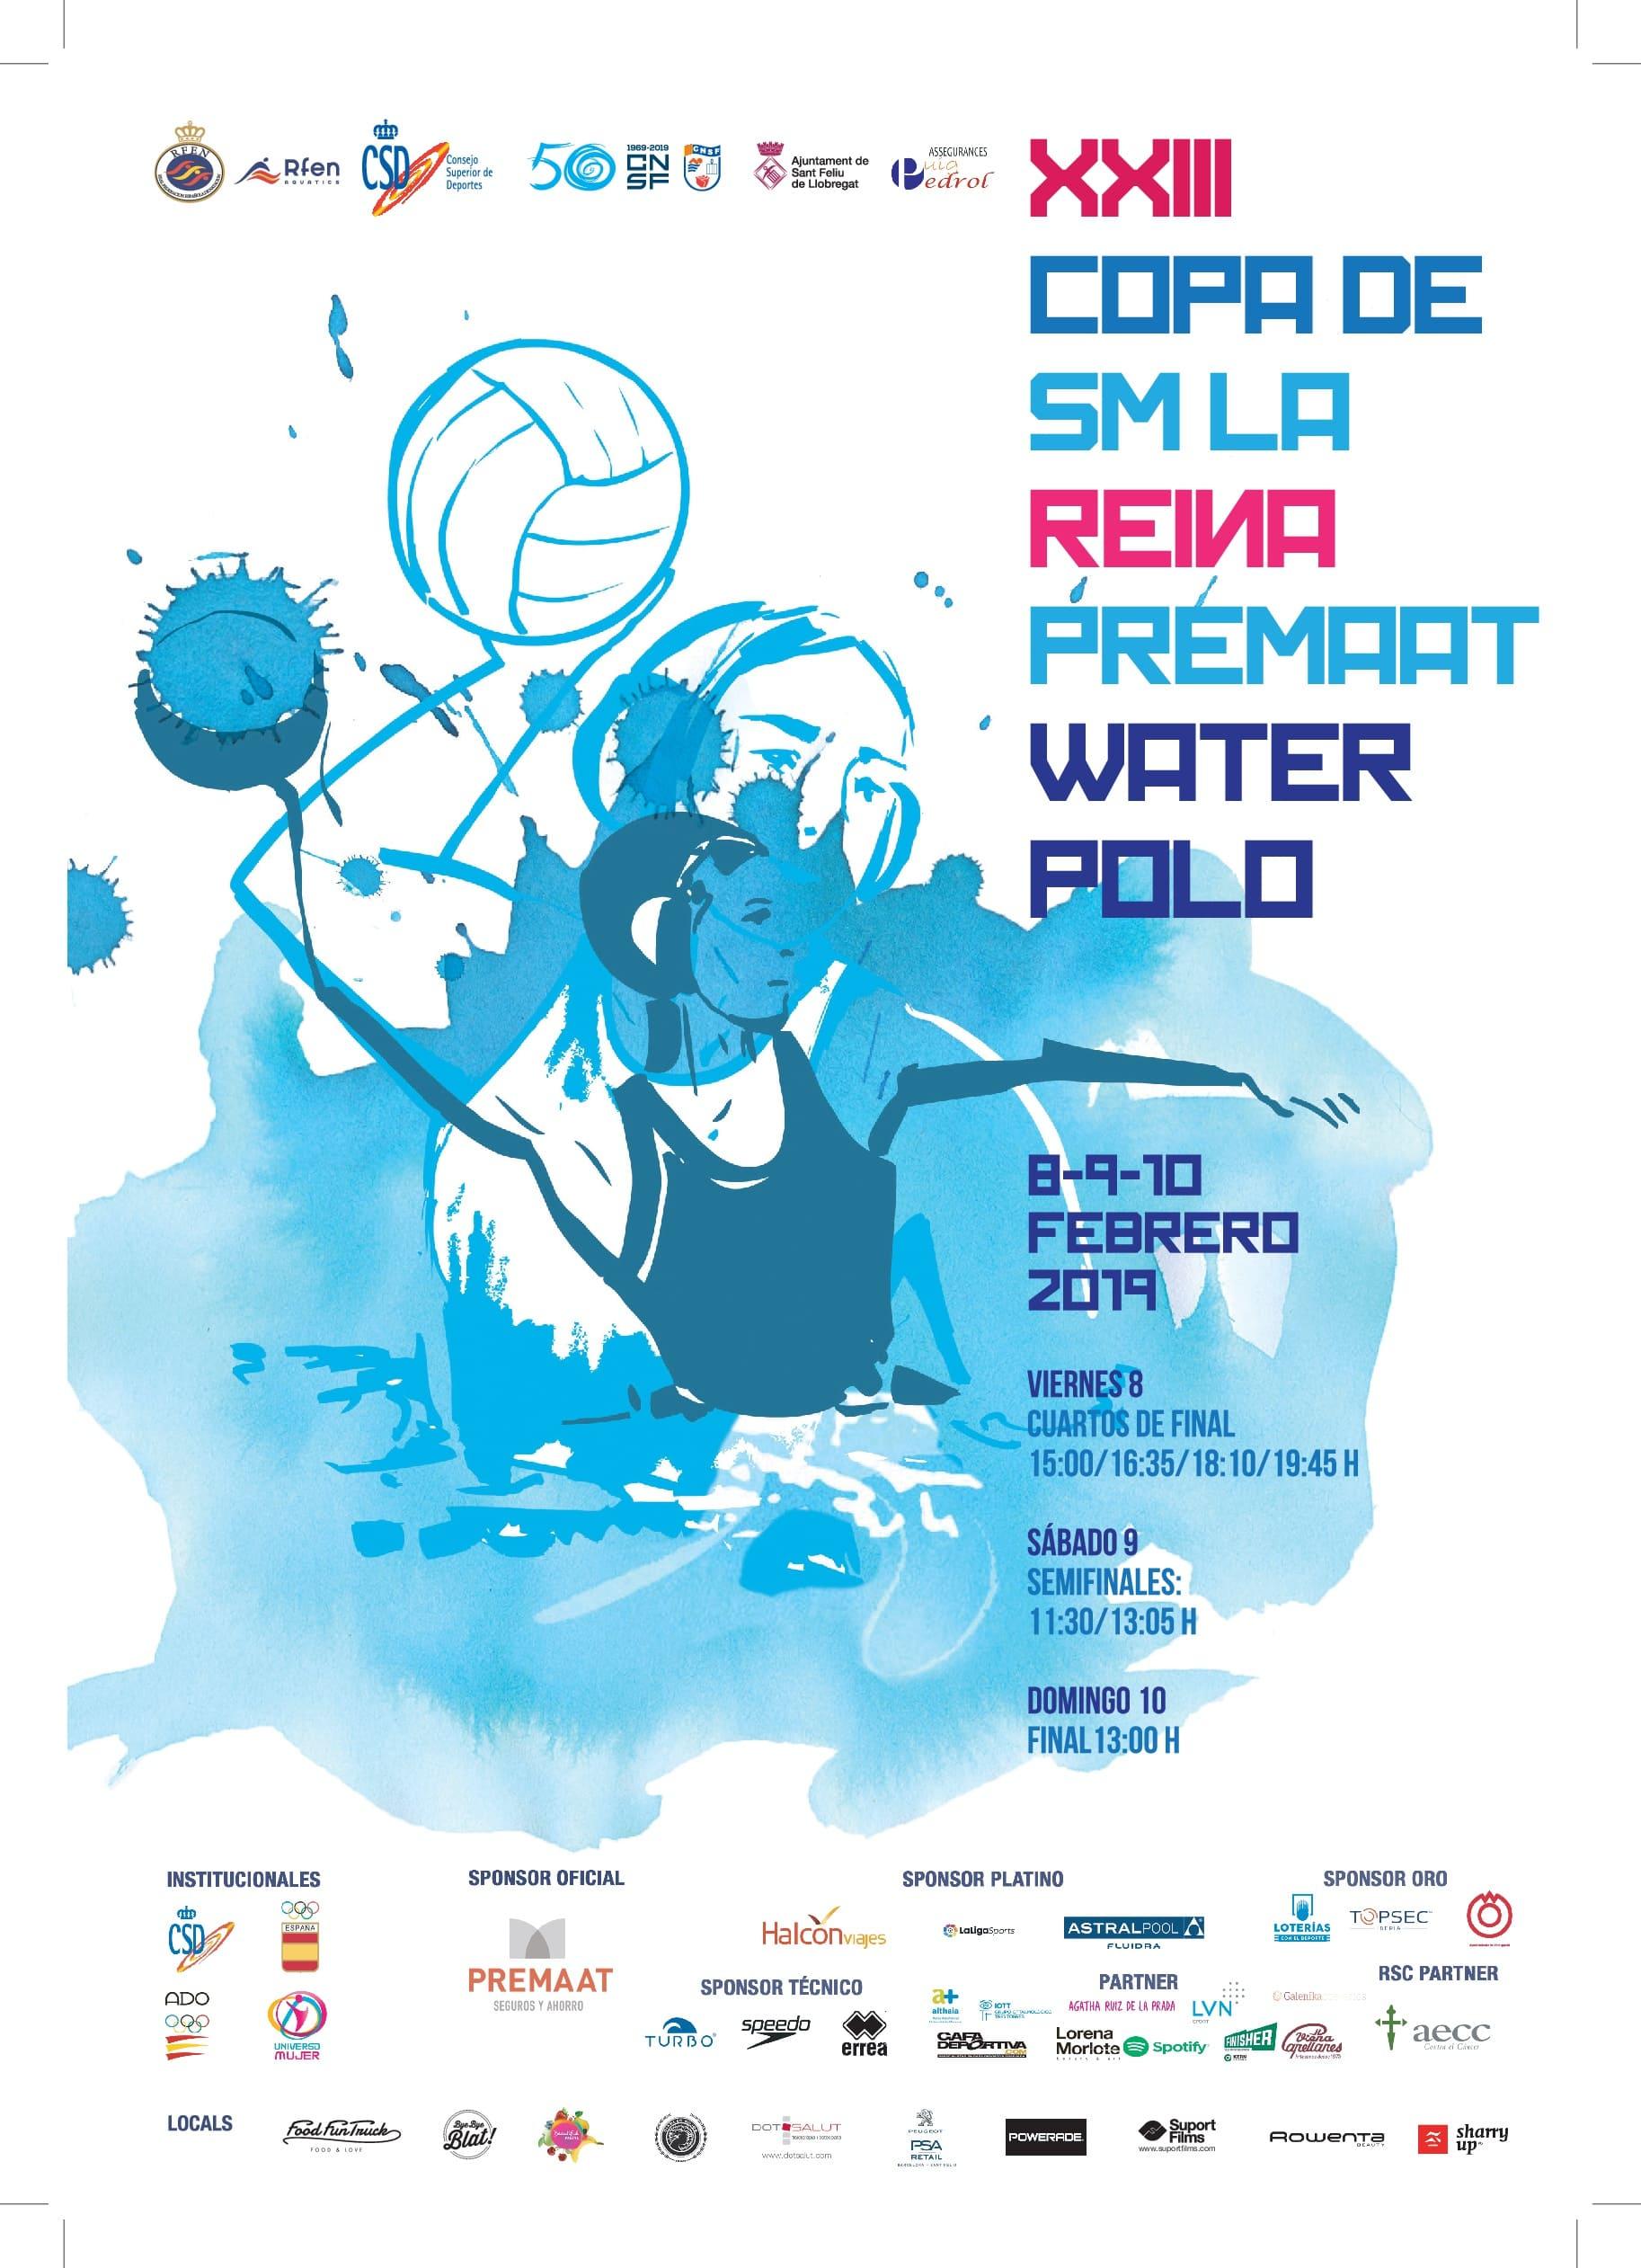 Waterpolo Copa de la Reina entrada gratuita en Barcelona